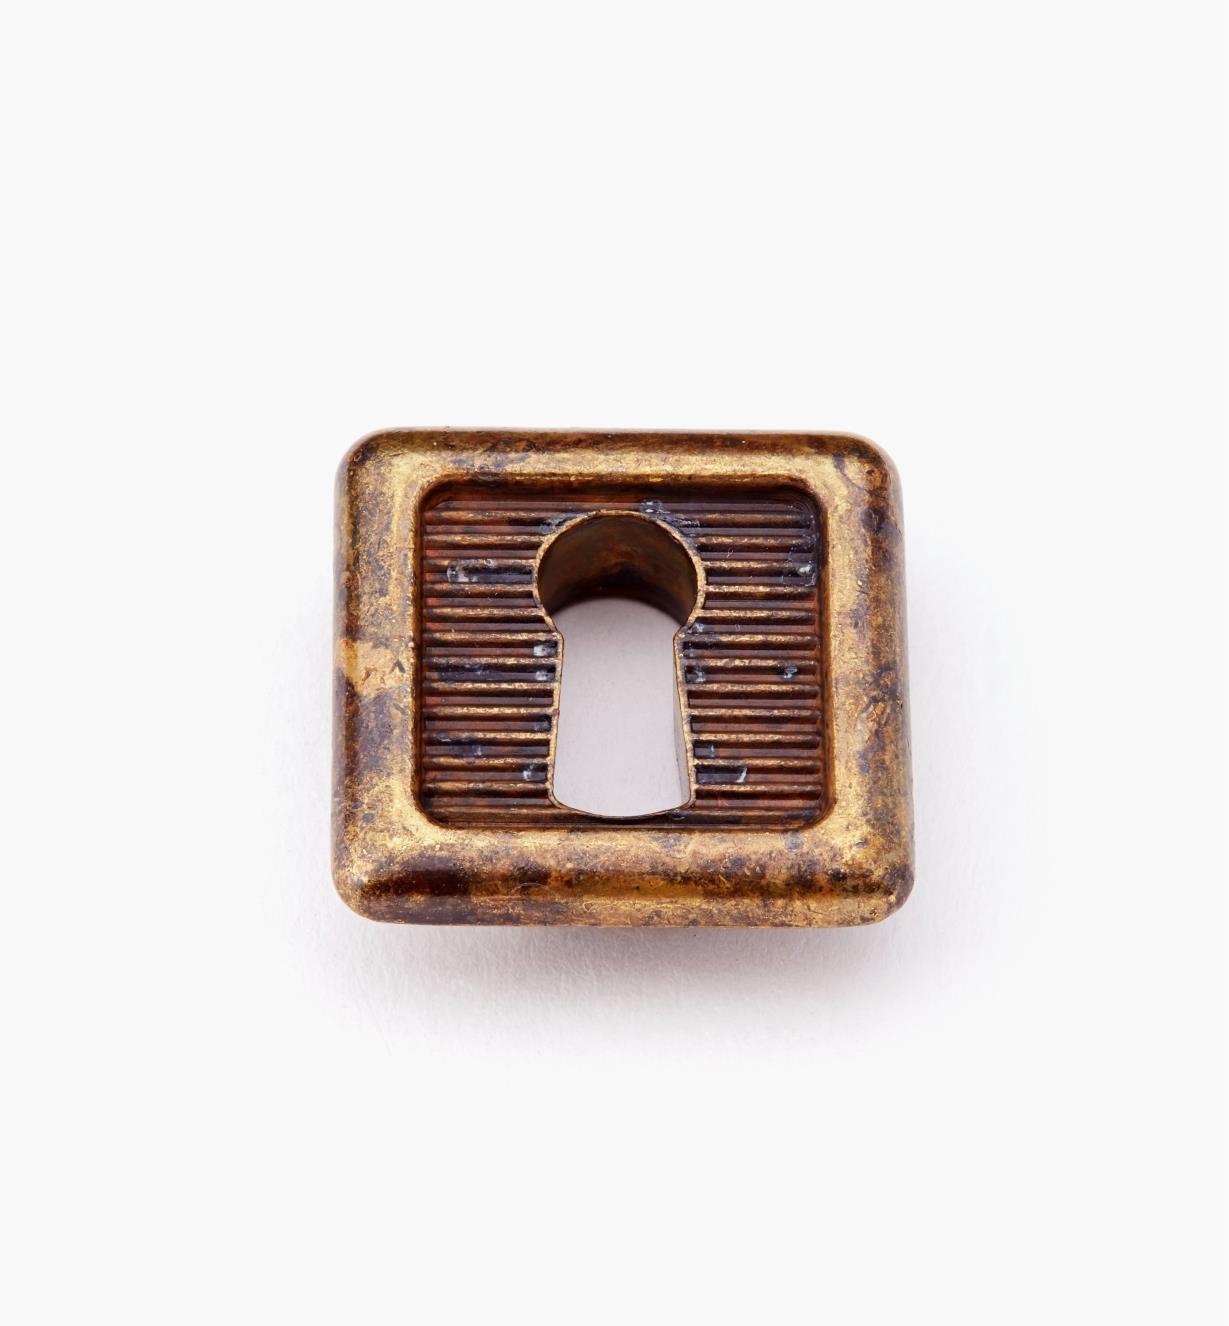 01X4223 - 25mm x 25mm Sq. Esc.